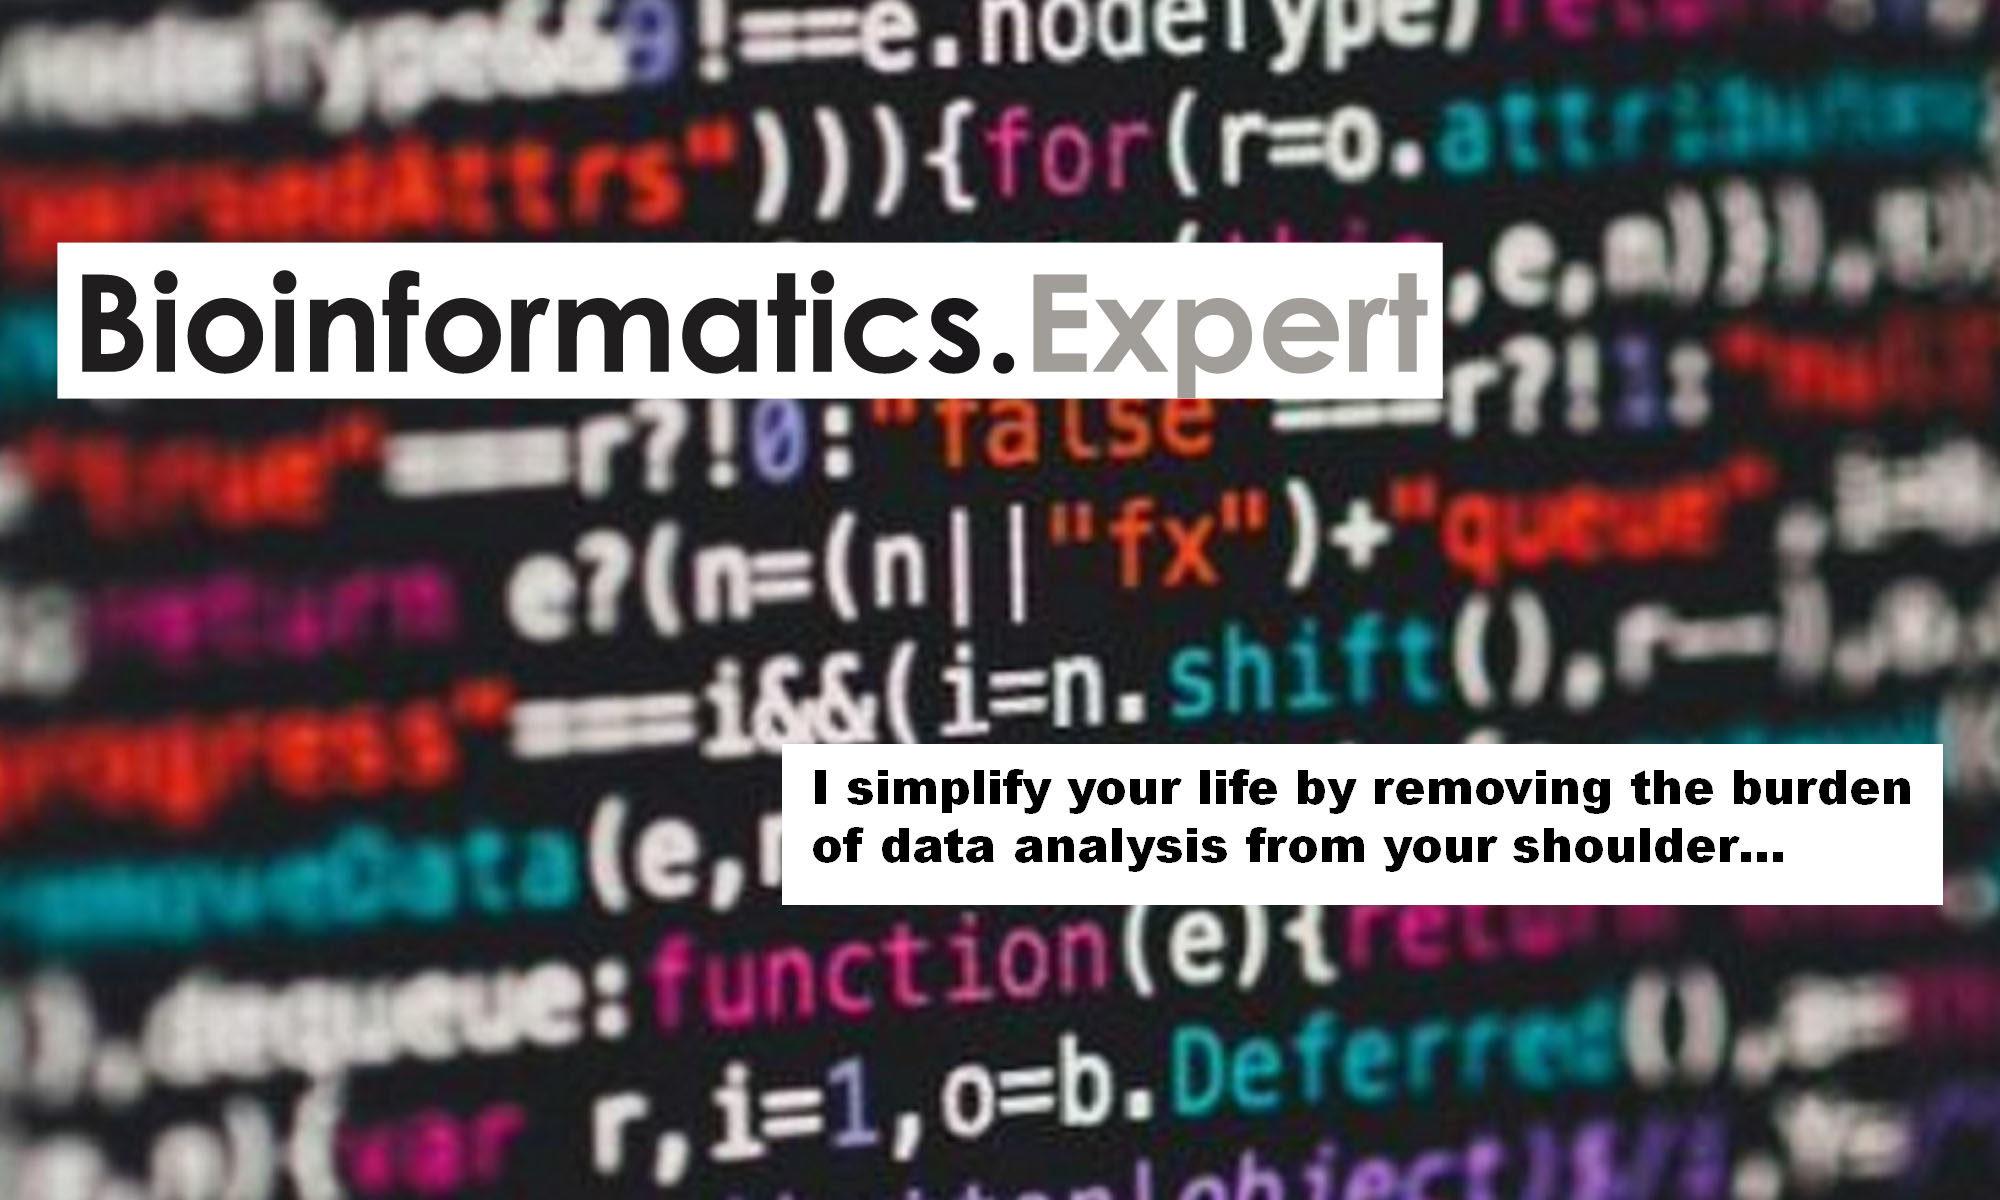 Bioinformatics.Expert